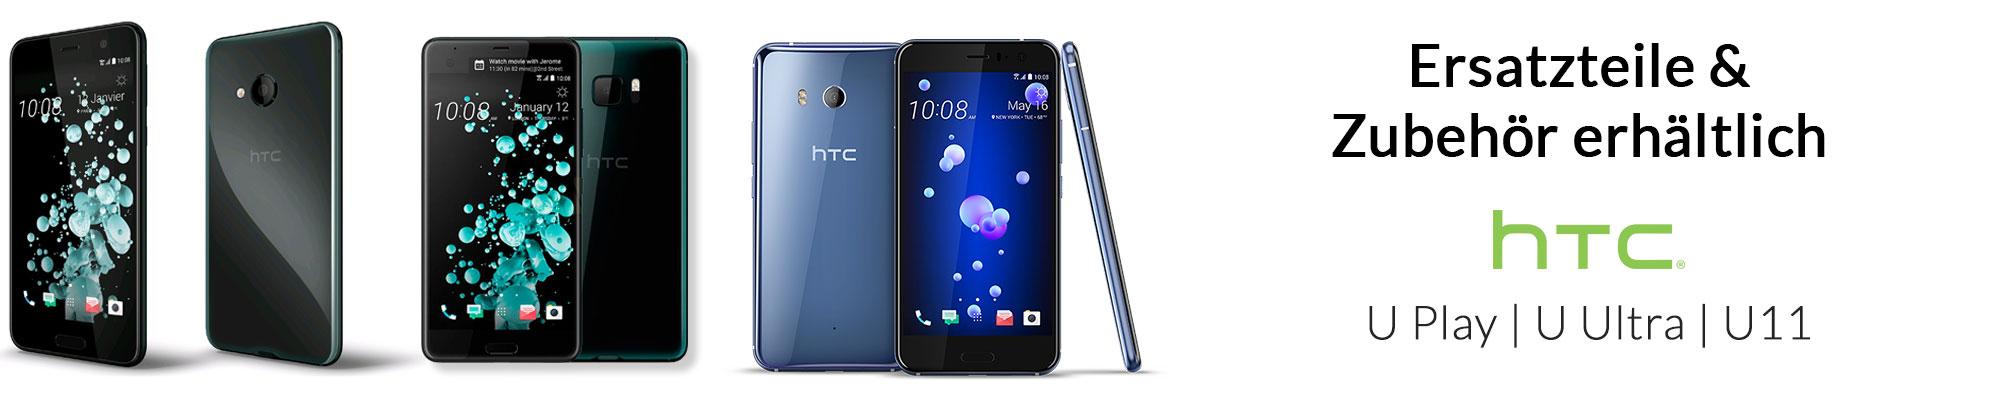 Ersatzteile & Zubehor fur HTC U Play, U Ultra und U11 erhaltlich